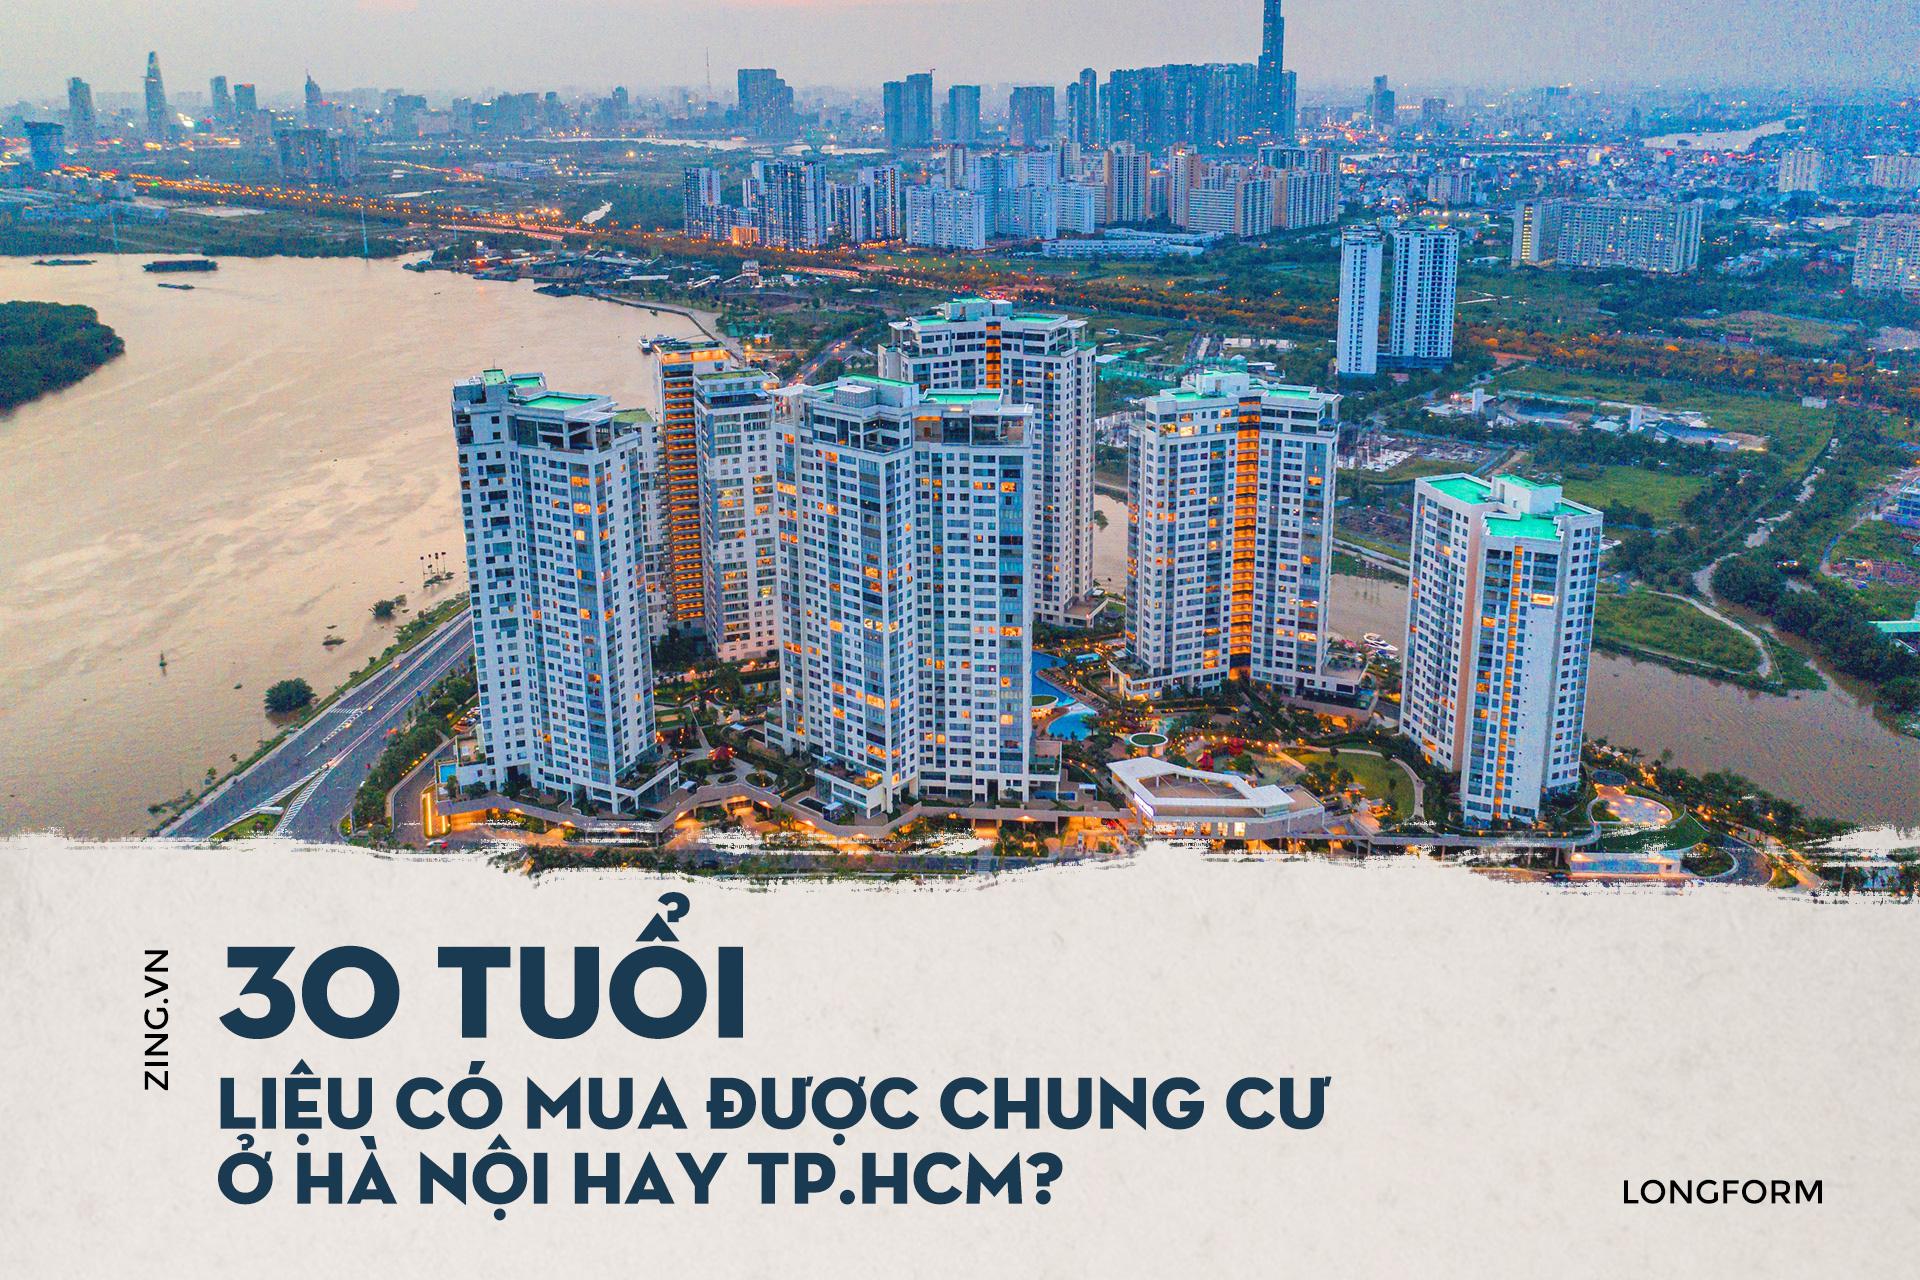 Mua nhà trước 30 tuổi ở TP HCM, Hà Nội, giấc mơ có xa vời? - Ảnh 1.